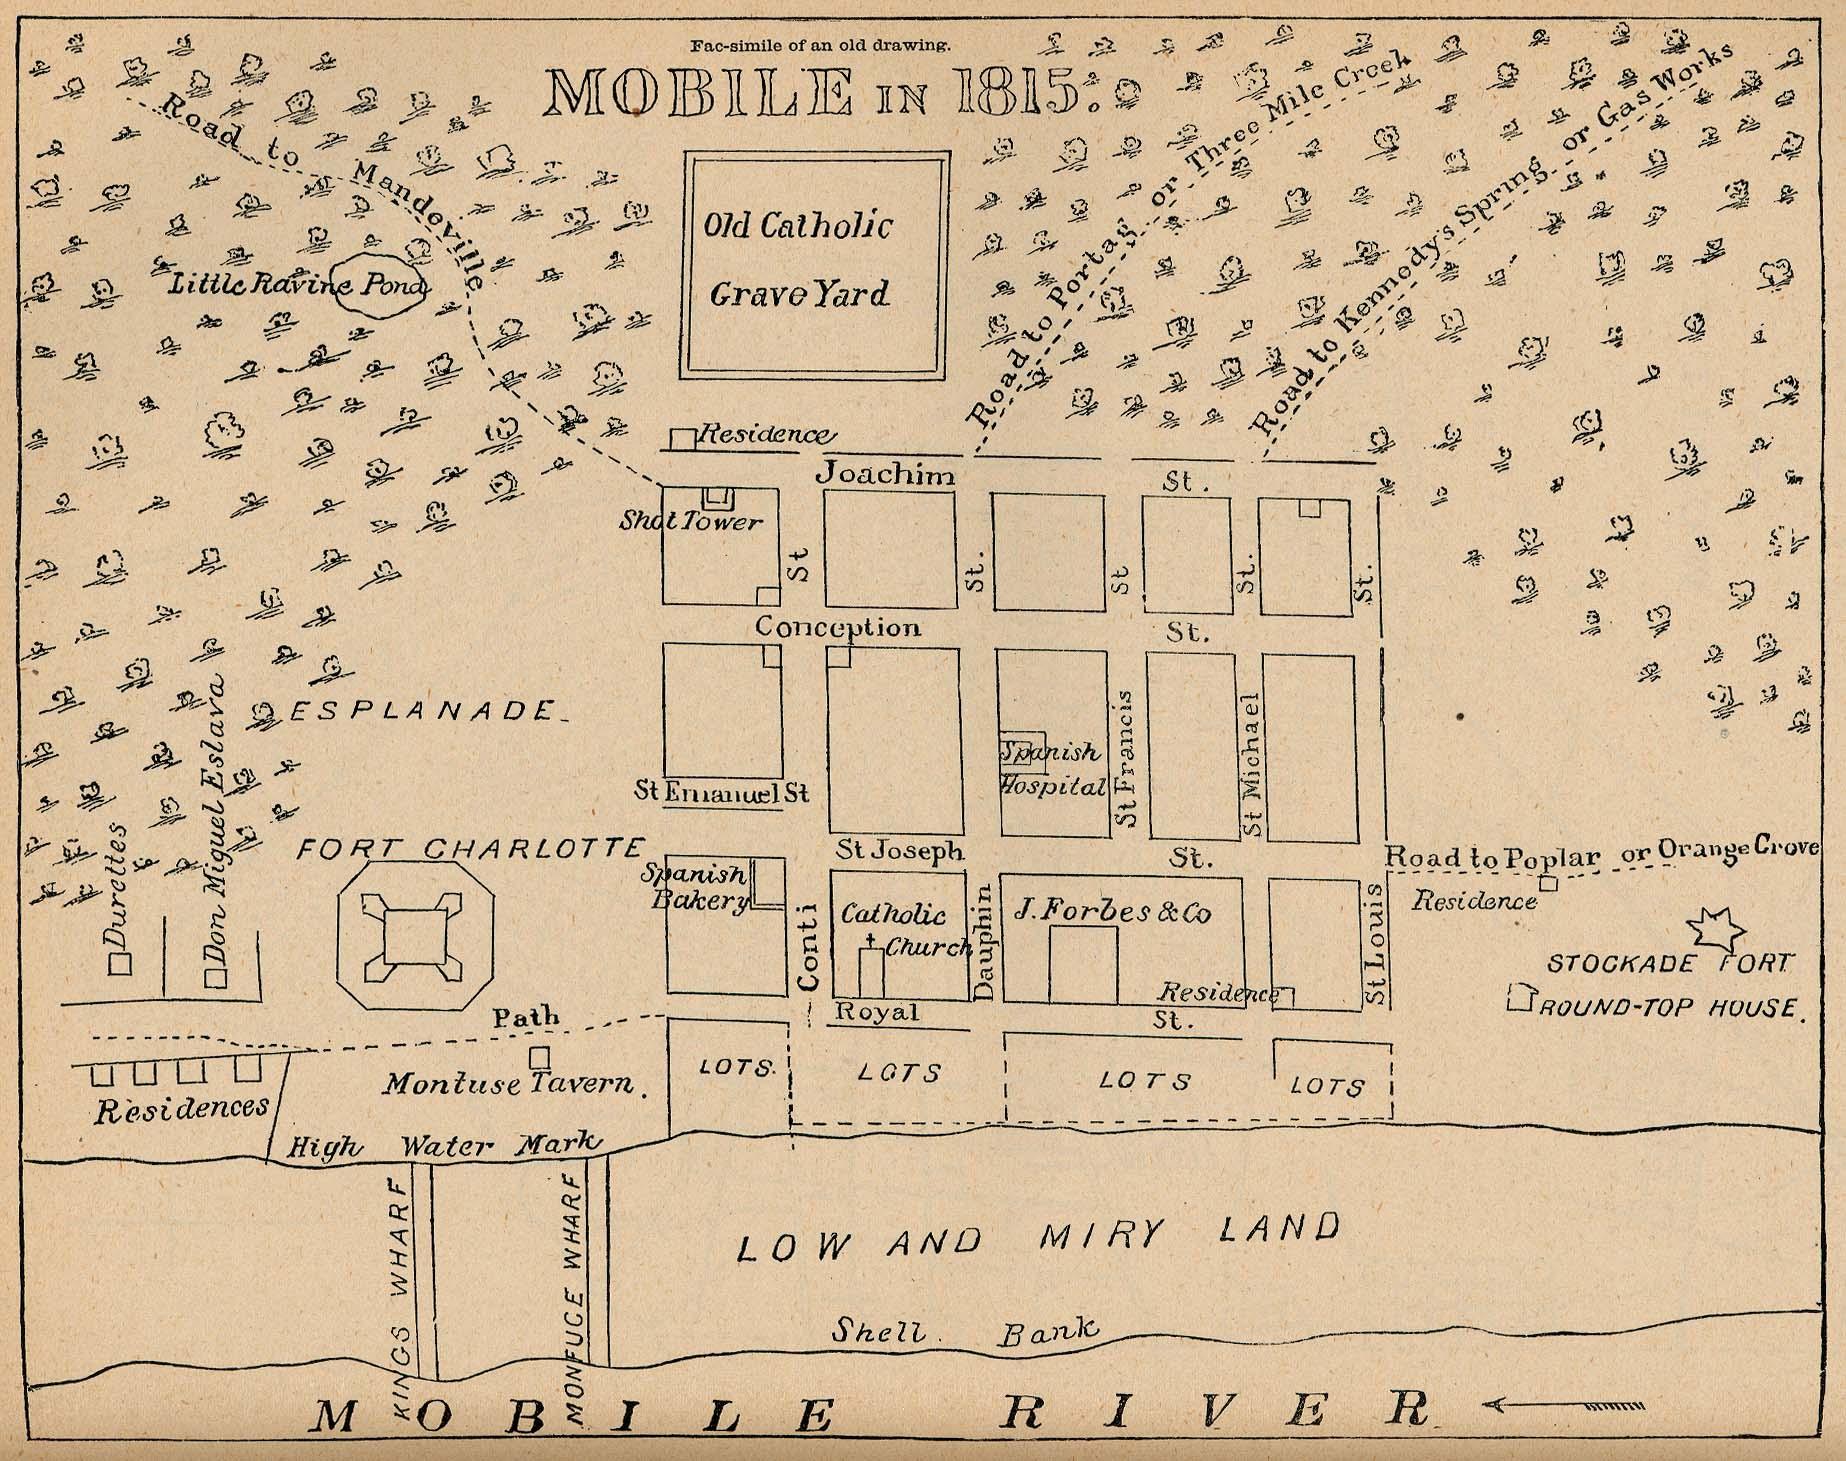 Mapa de la Ciudad de Mobile, Alabama, Estados Unidos 1815